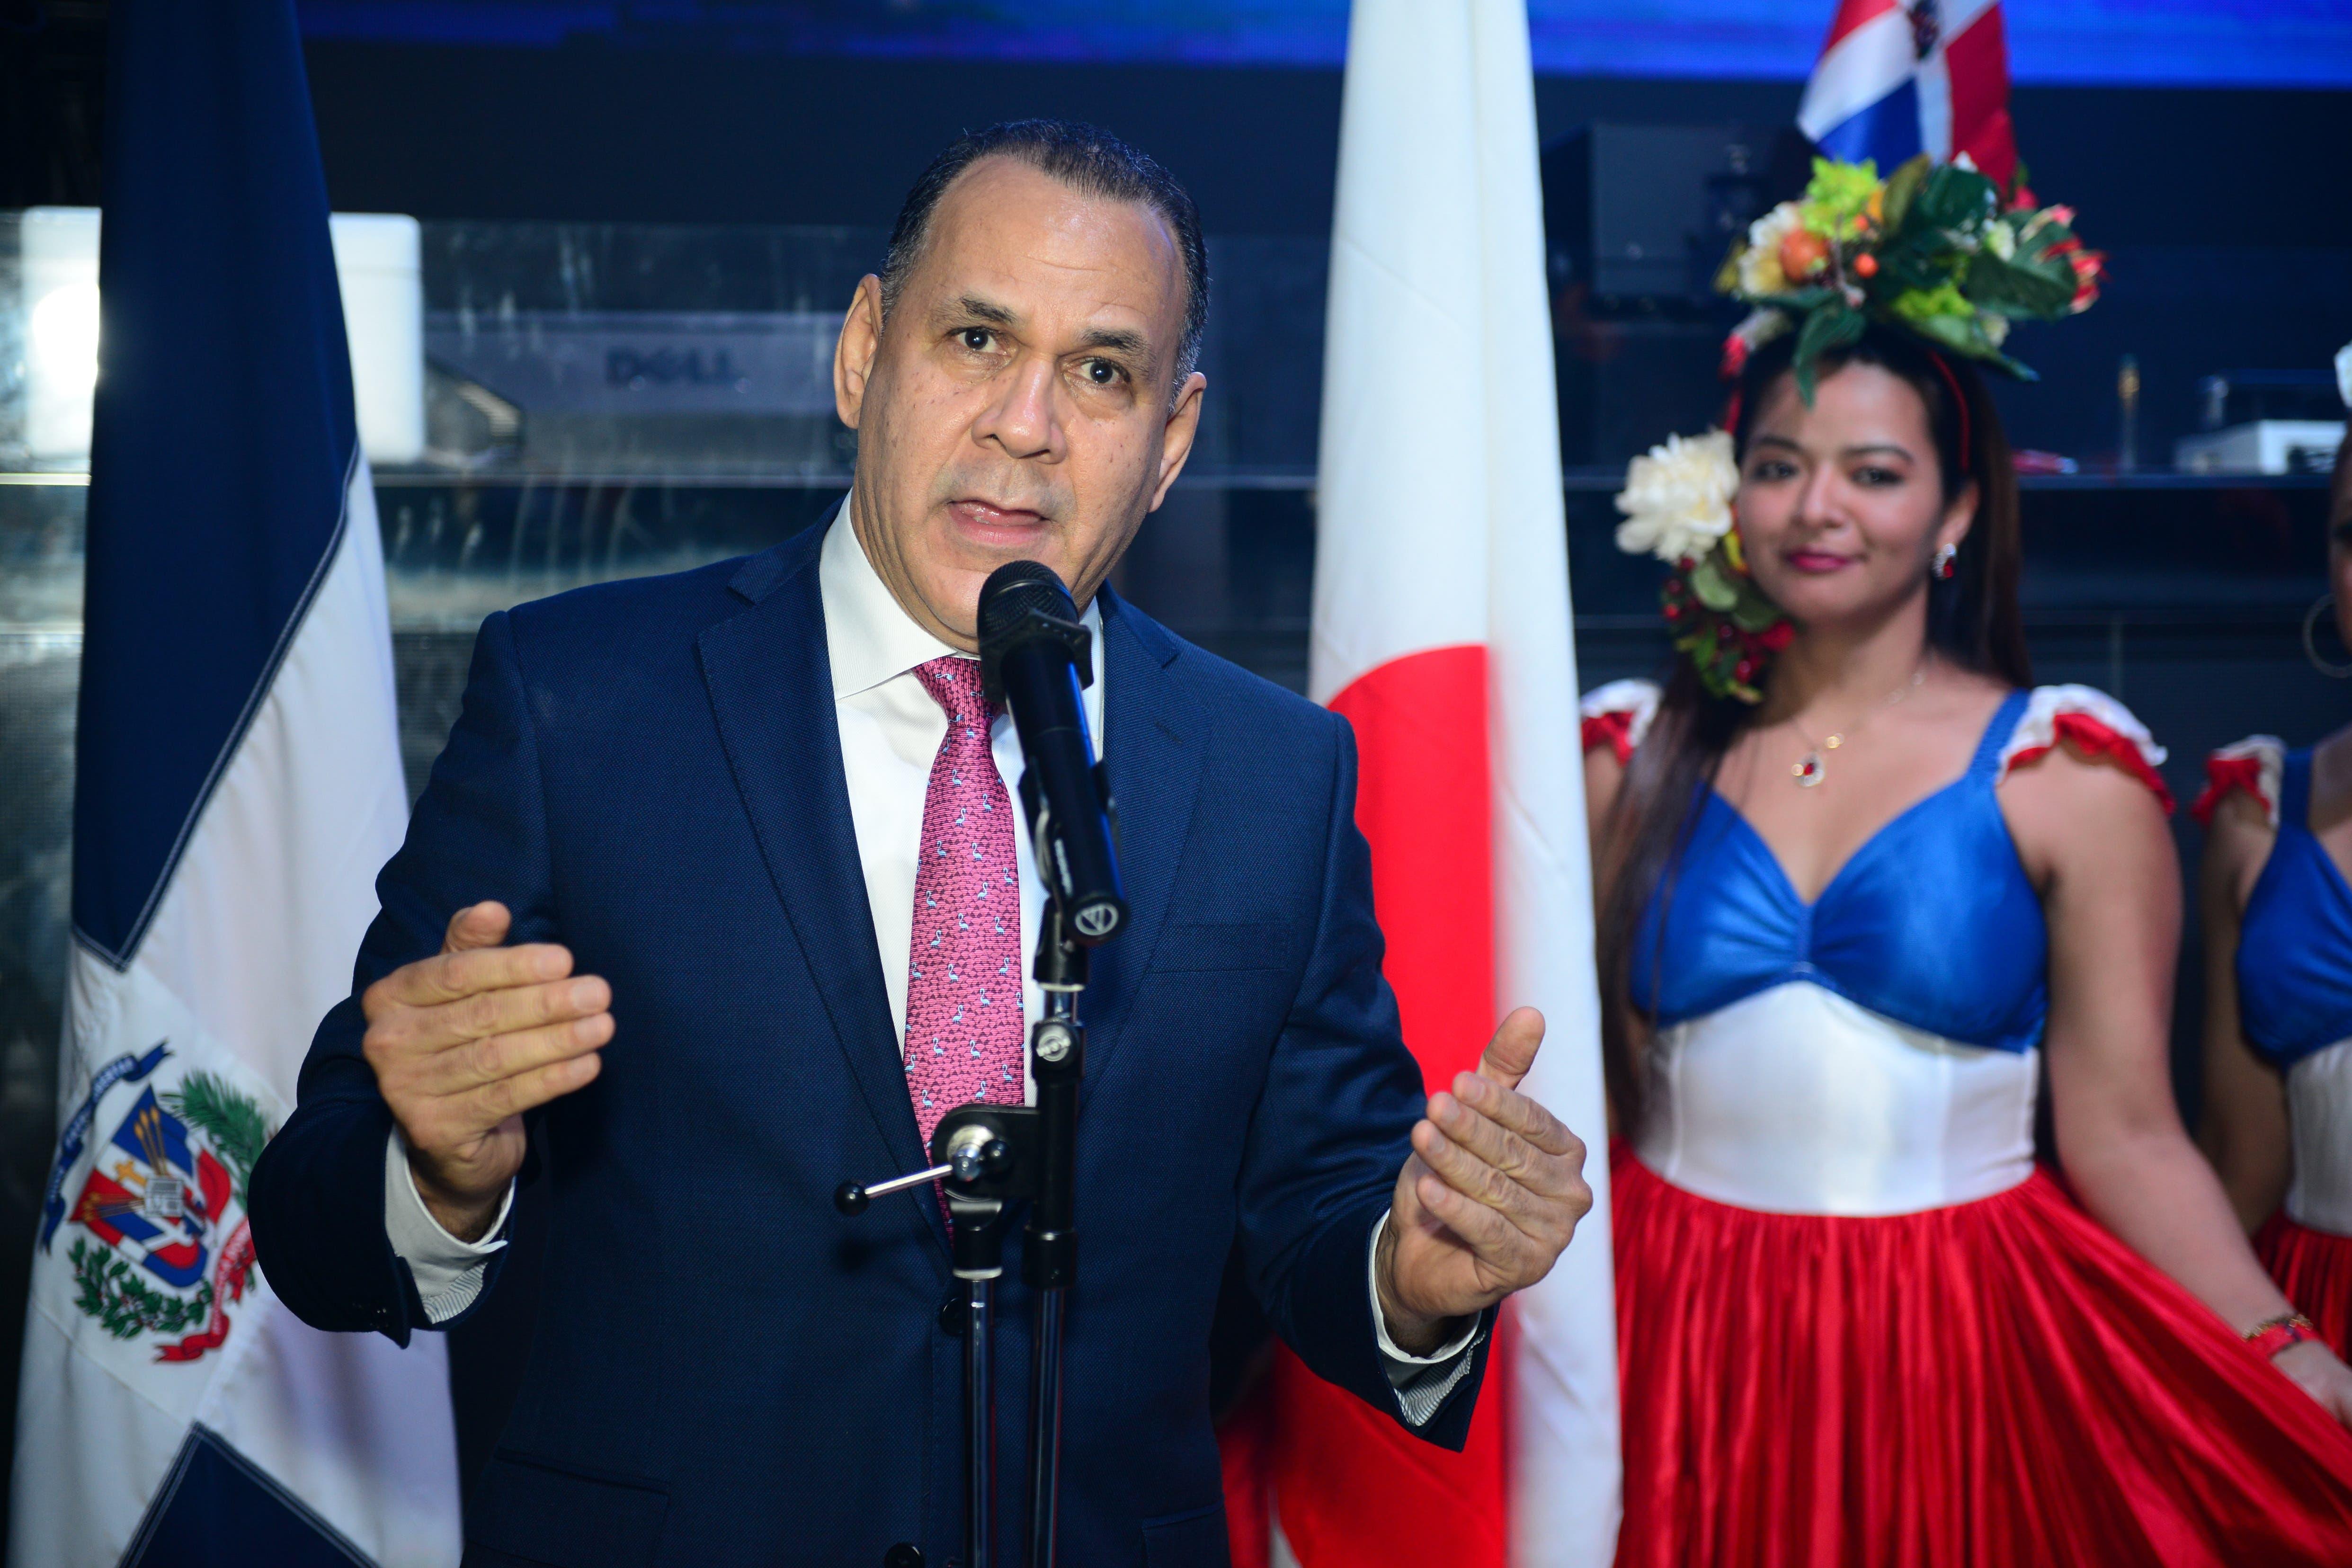 Emoción, bailes y colores de la patria en celebración del 175 aniversario de la Independencia Nacional dominicana en Japón